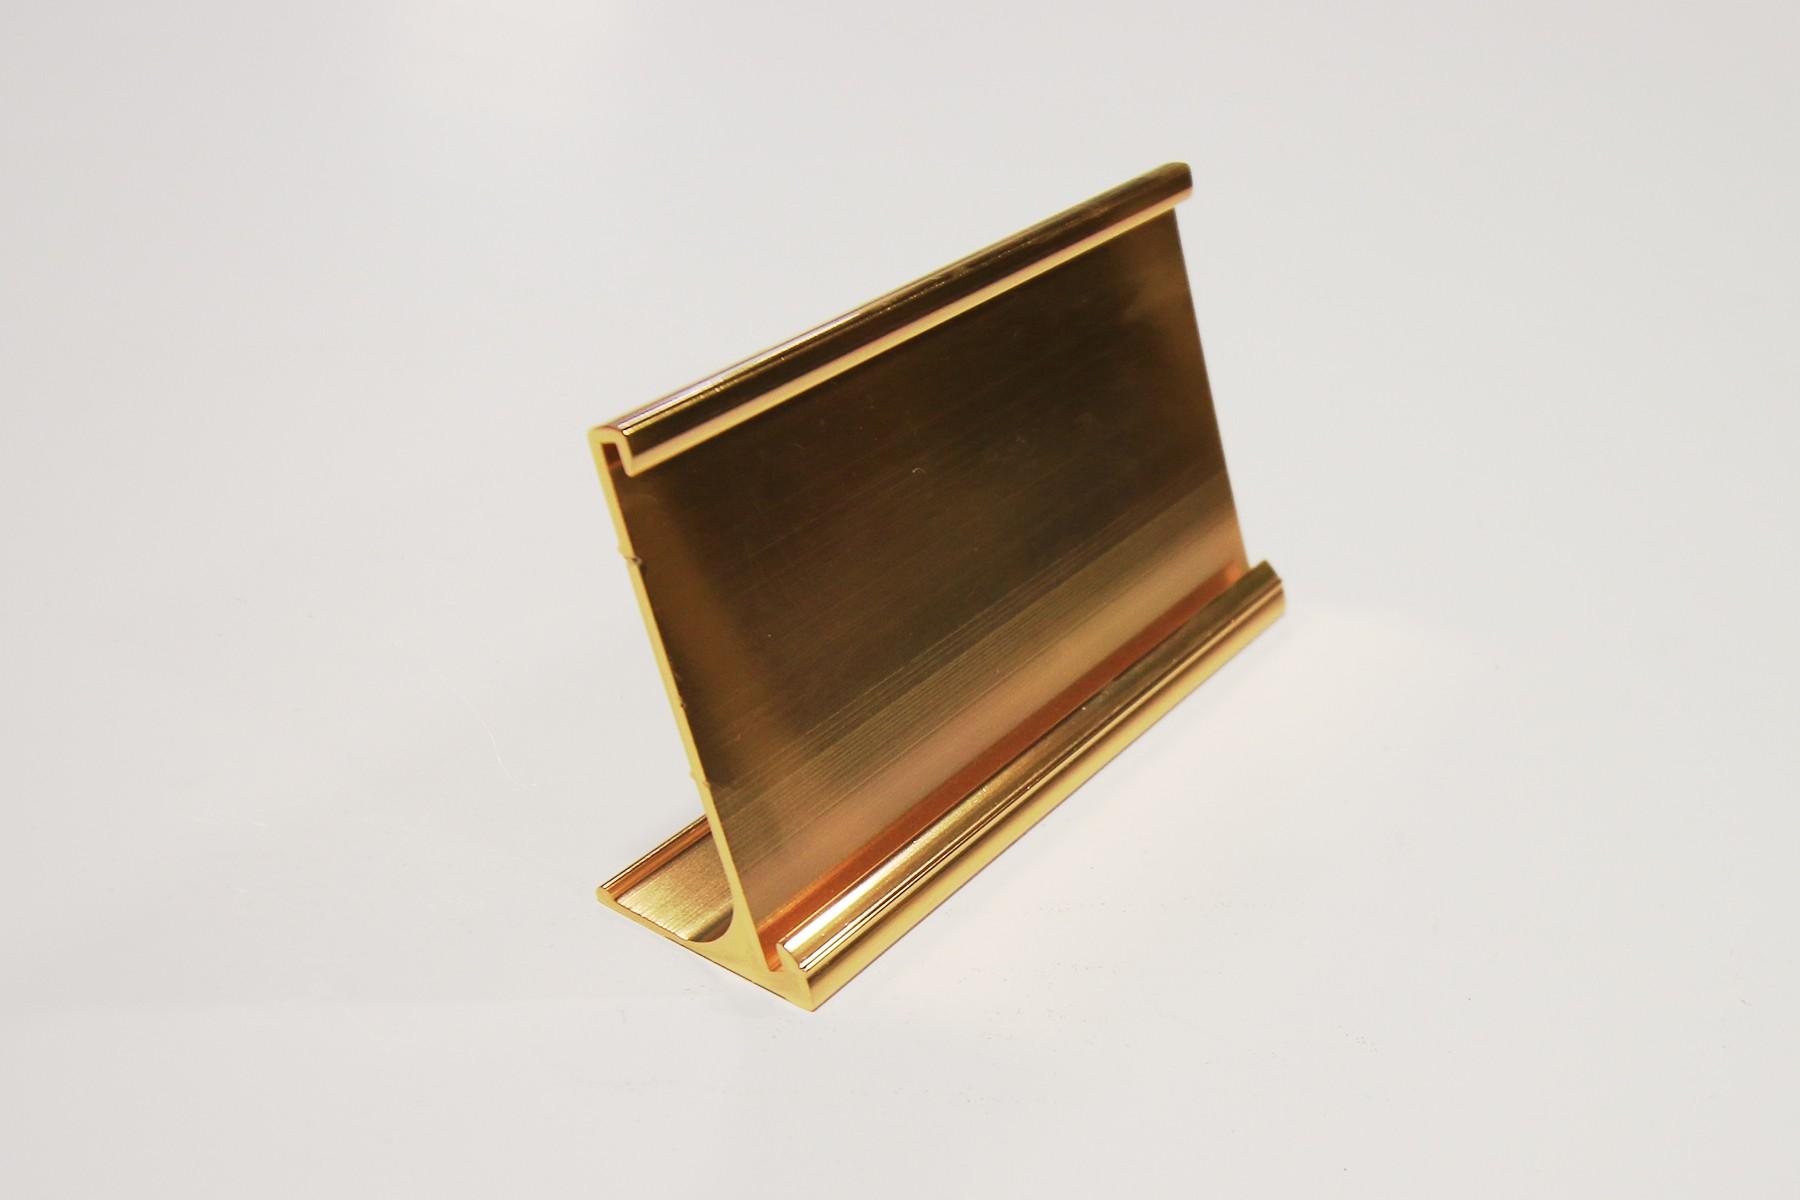 2 x 10 Desk Holder, Gold